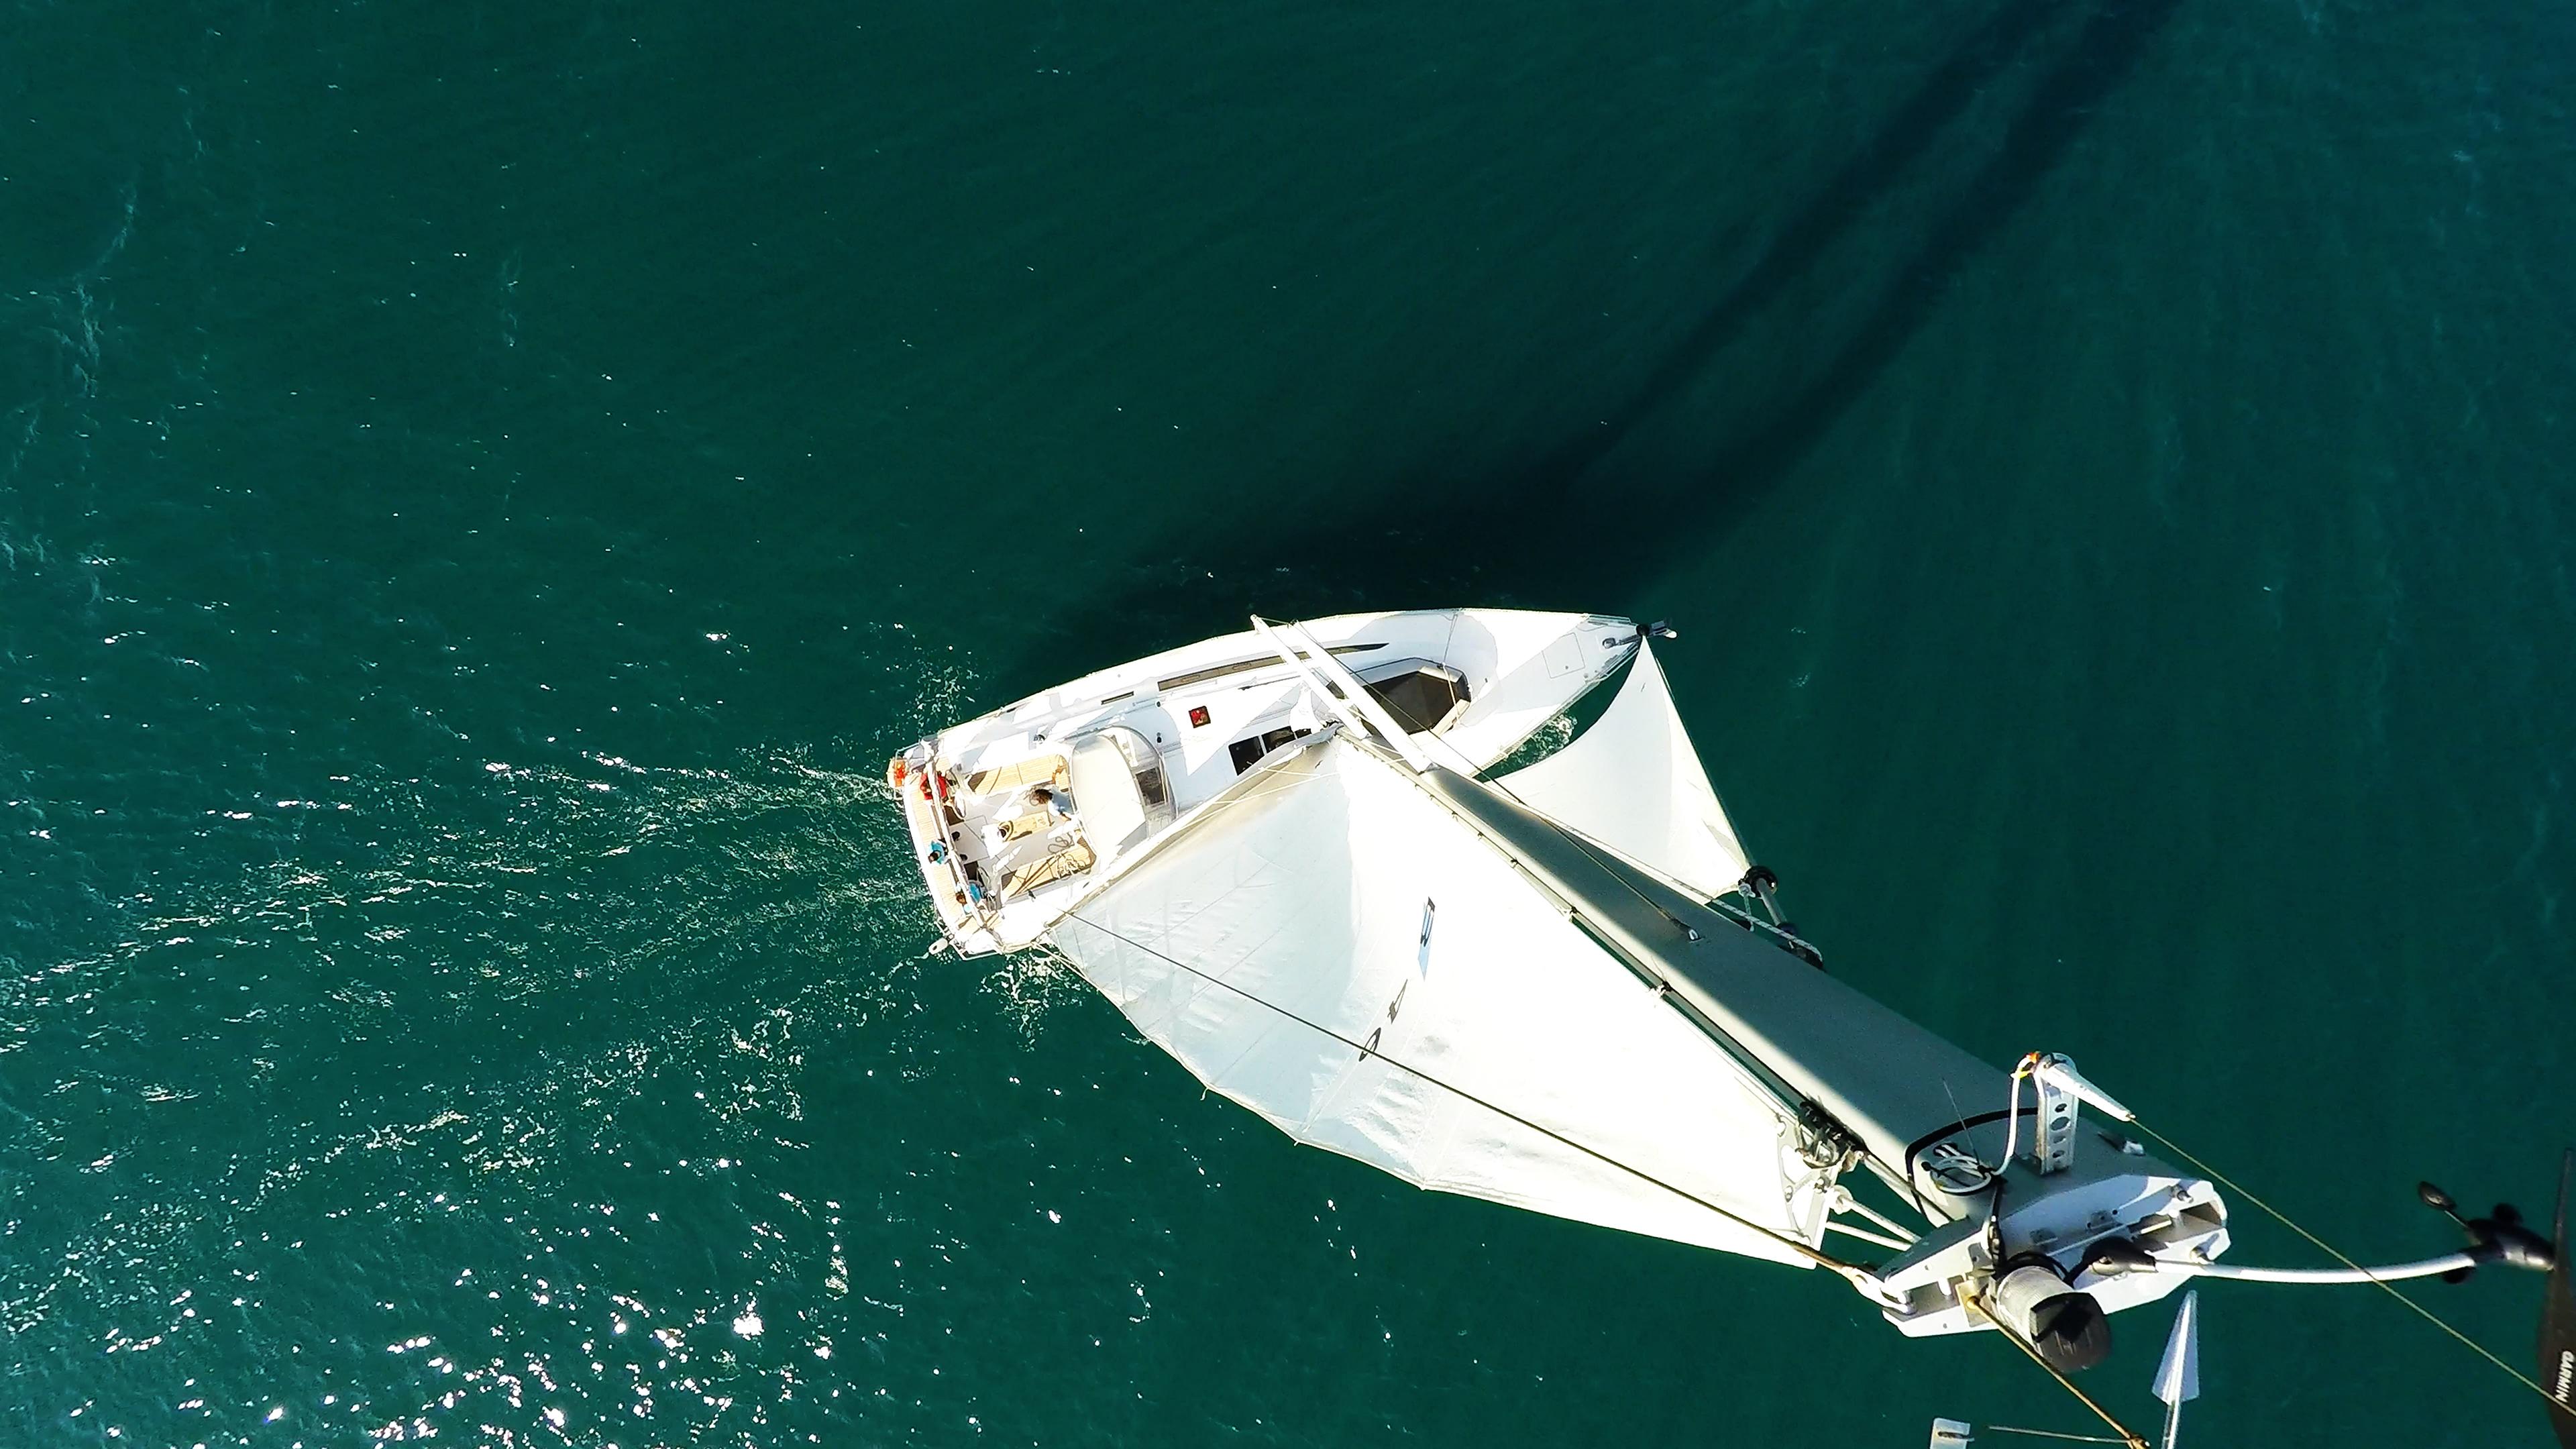 barcha a vela indicatore del vento bavaria 46 yacht a vela cima dell'albero